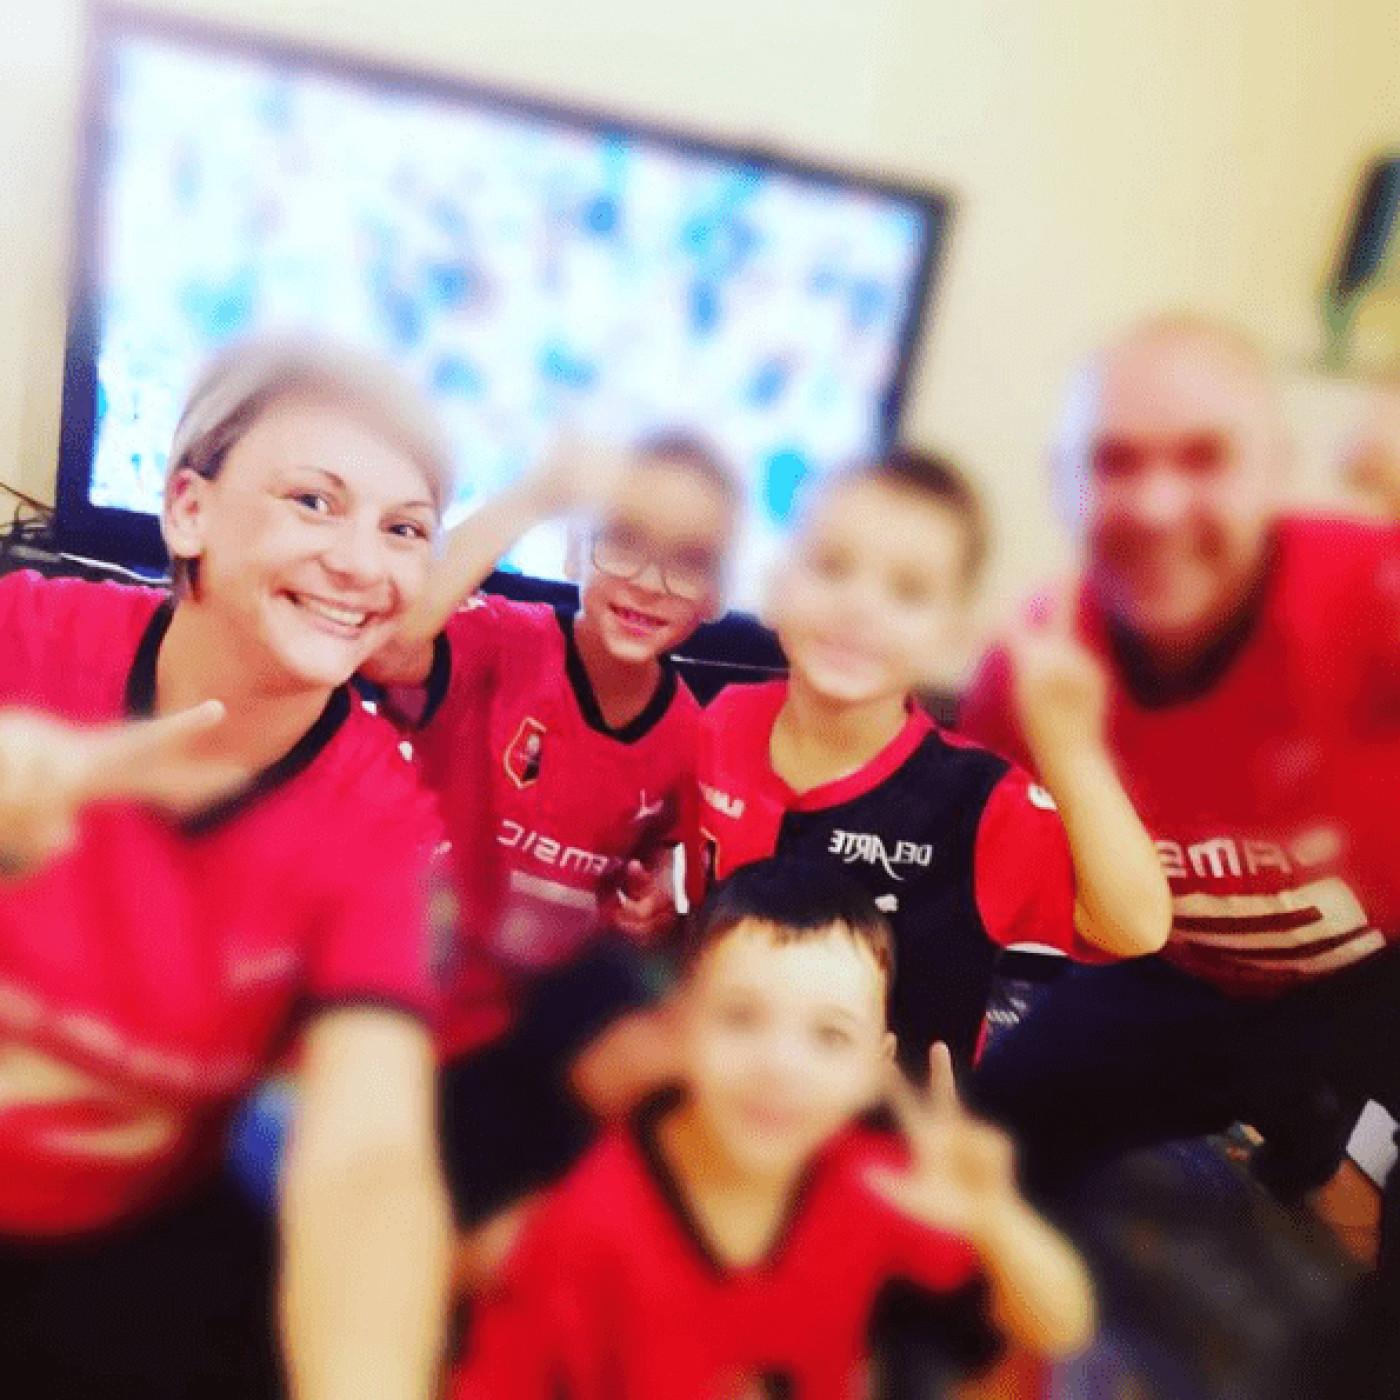 Lara et sa famille sont sur le départ pour leur nouvelle vie au Canada - 05 01 2021 - StereoChic Radio